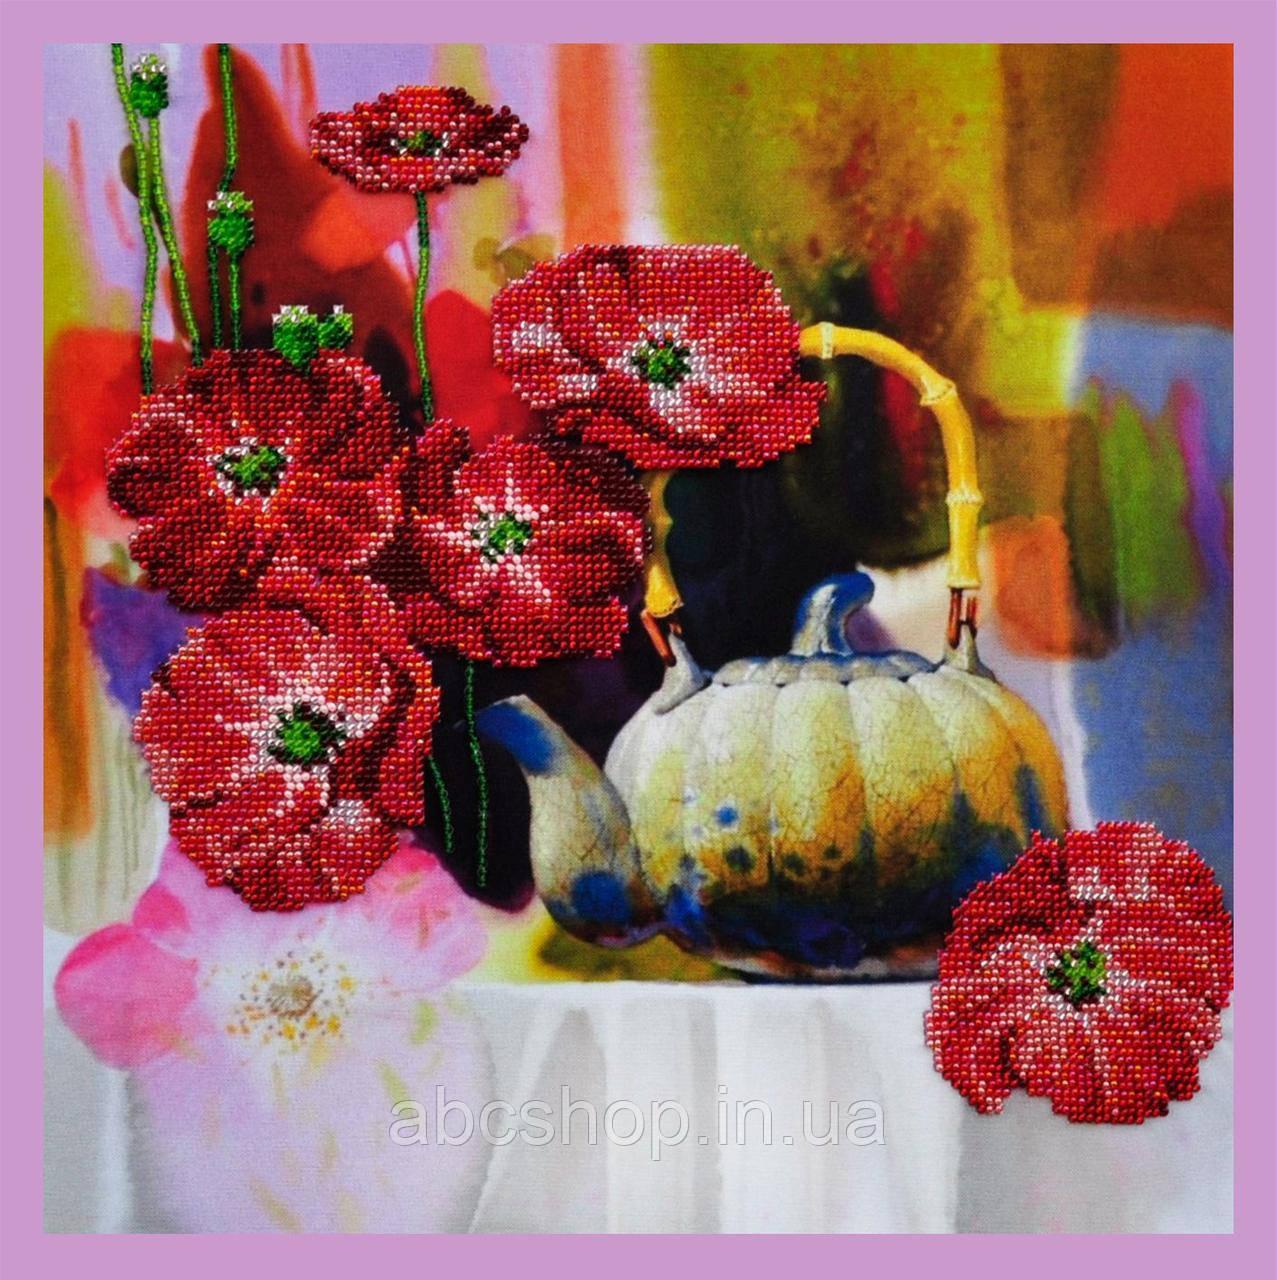 Набор для вышивки бисером Цветочная акварель - 1